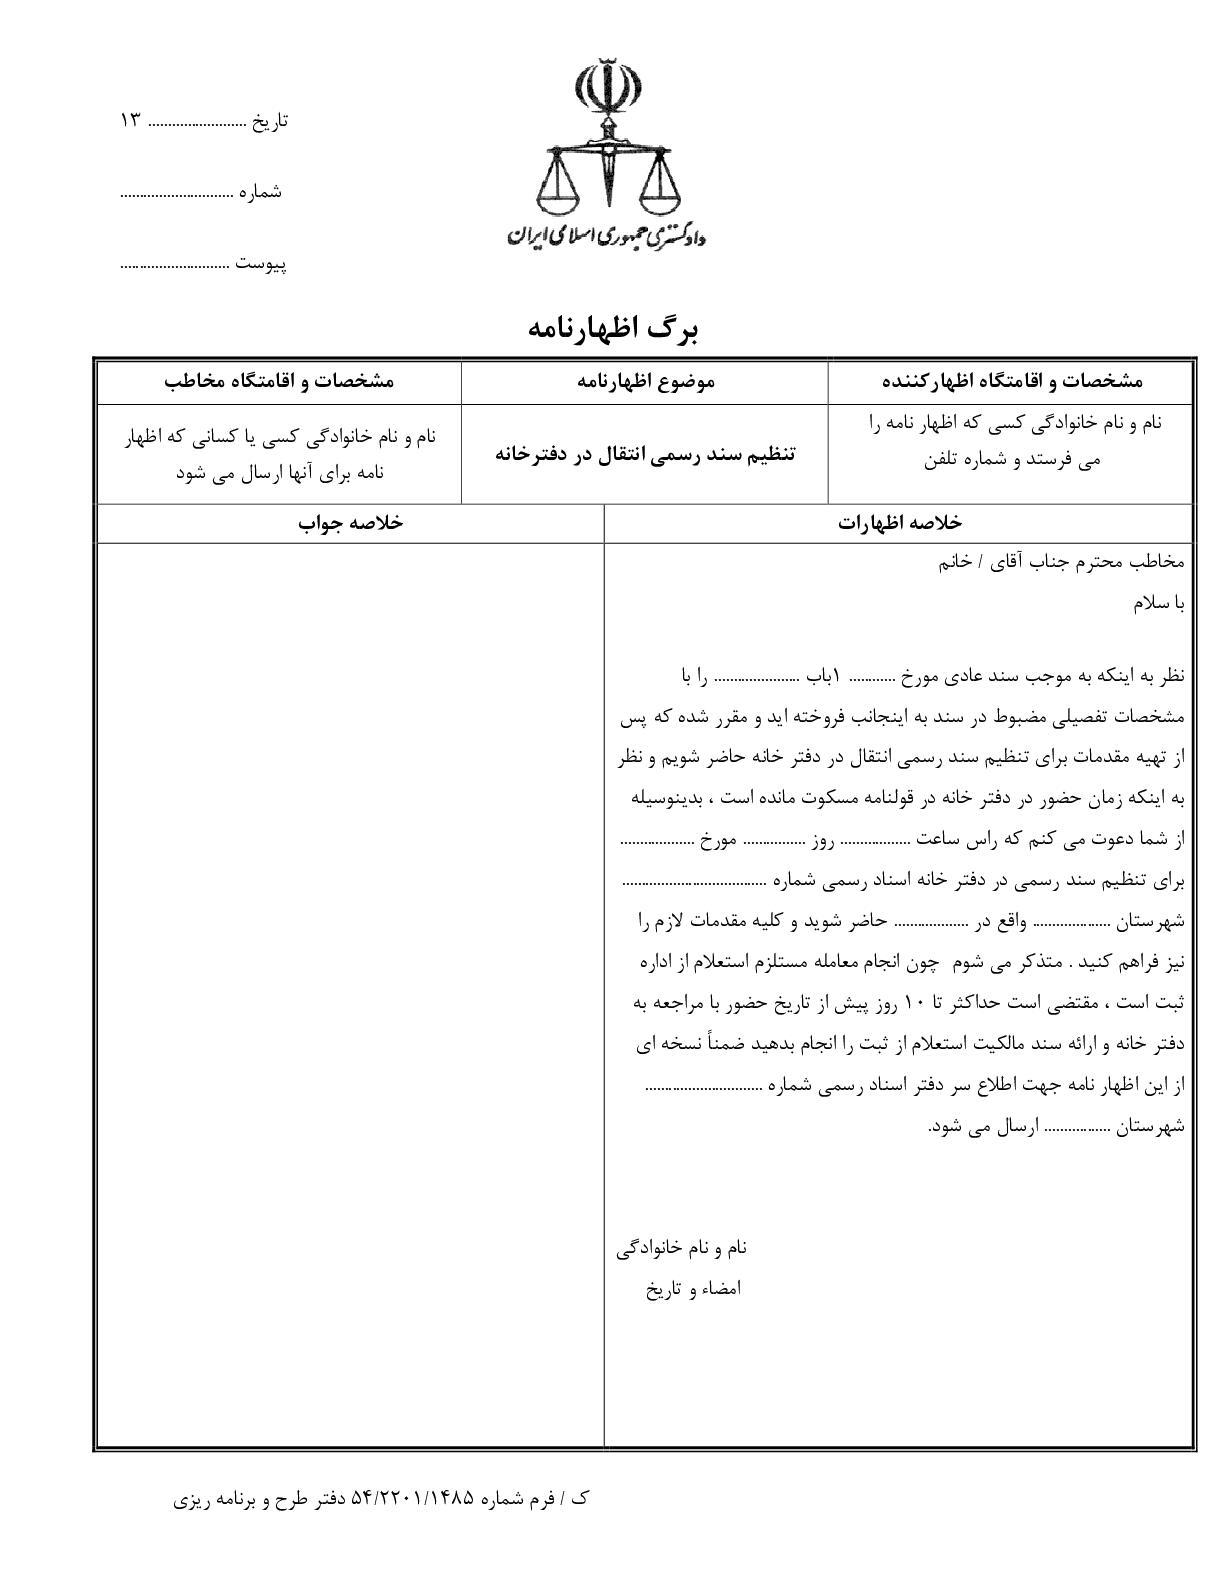 تنظیم سند رسمی انتقال در دفتر خانه